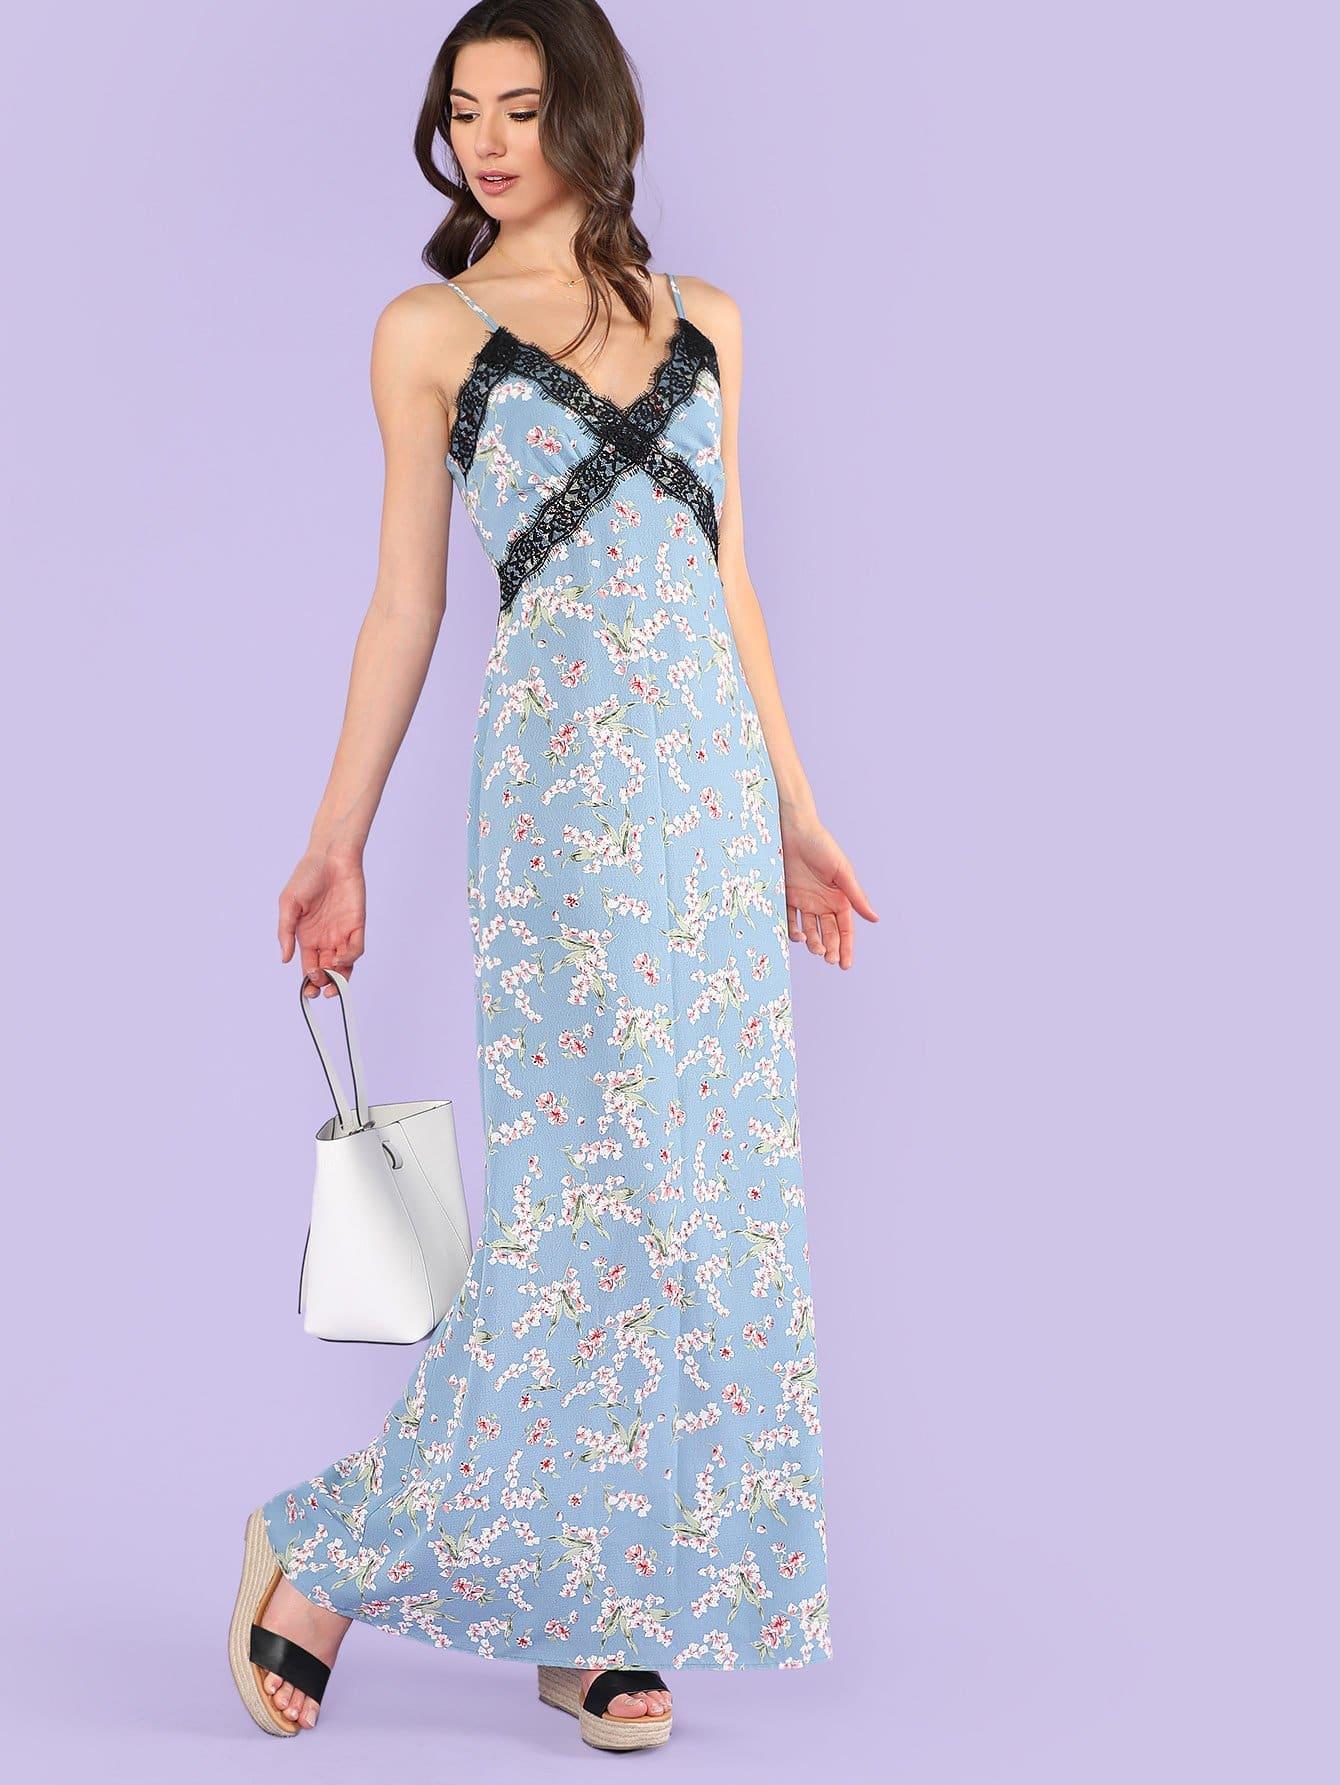 Eyelash Lace Applique Floral Cami Dress floral applique cami bikini set